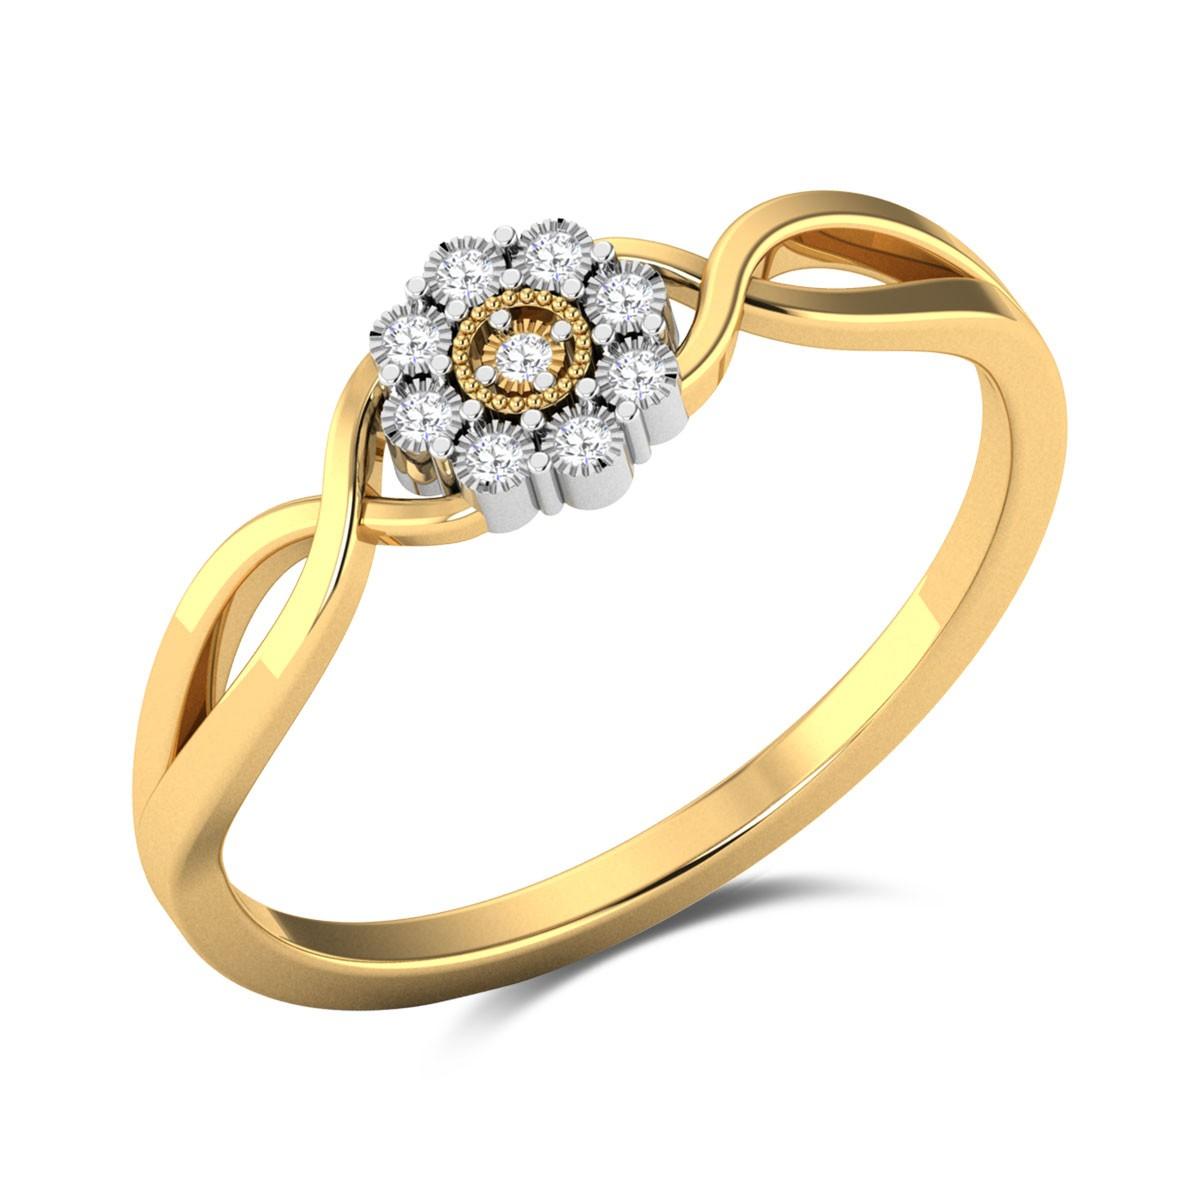 Joie de vivre Diamond Ring